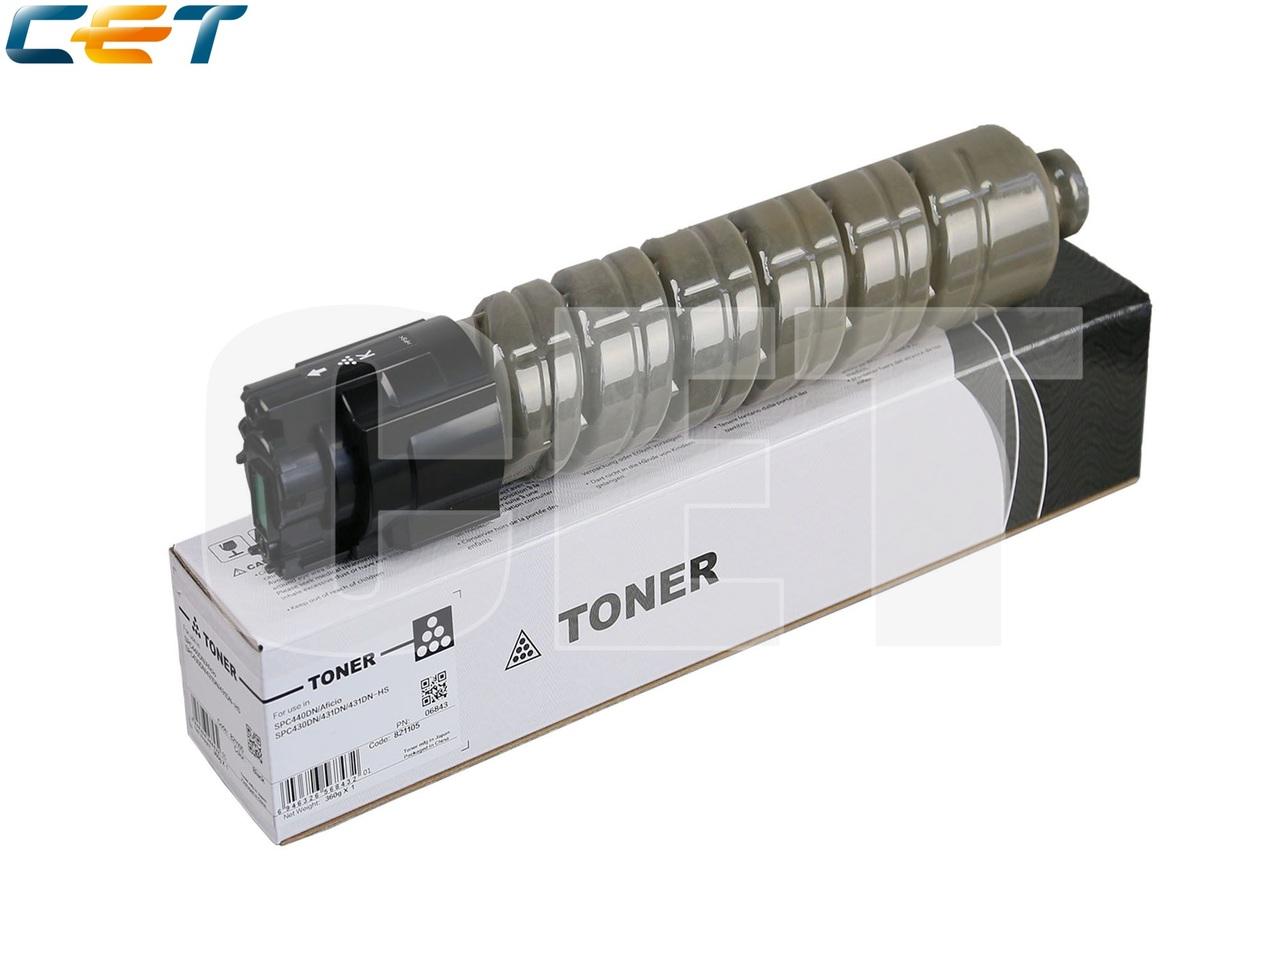 Тонер-картридж 821094 для RICOH Aficio SPC430DN/431DN(CET) Black, (WW), 360г, 24000 стр., CET6843